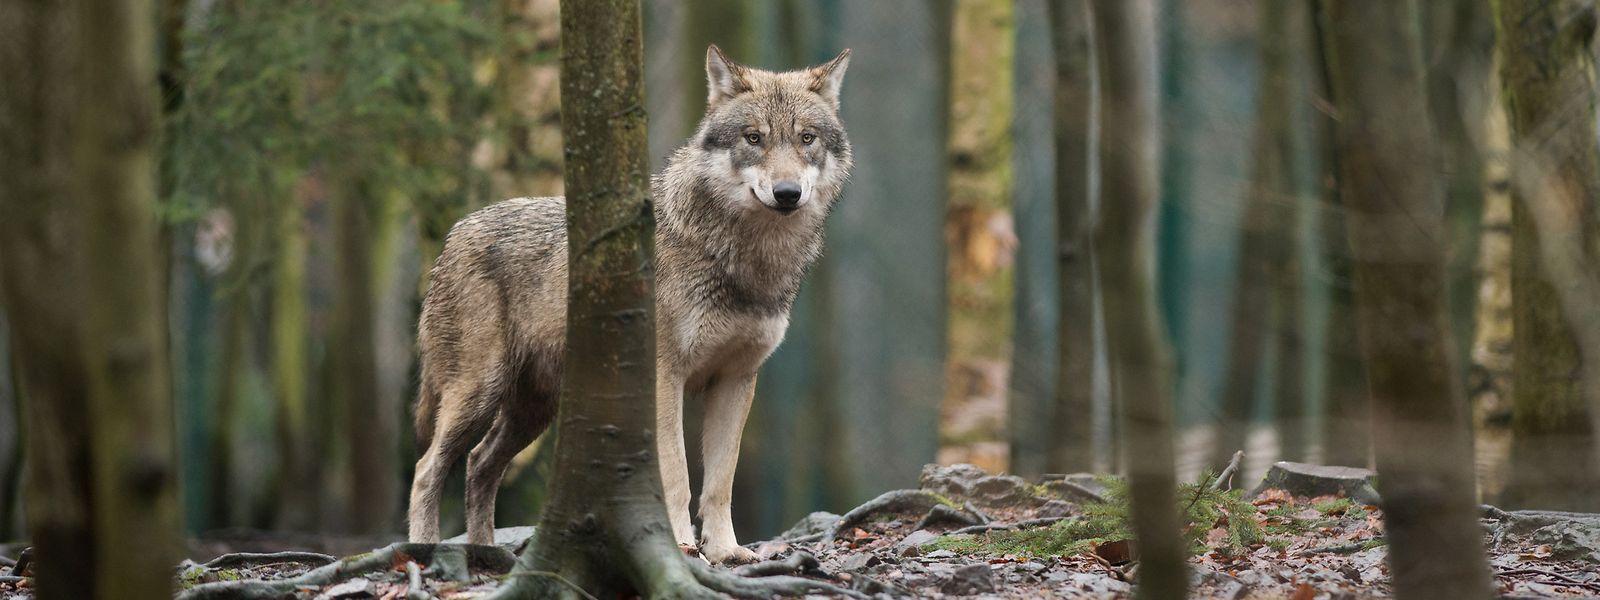 Ein Wolf steht im Tierpark Hexentanzplatz im Harz in seinem Gehege.